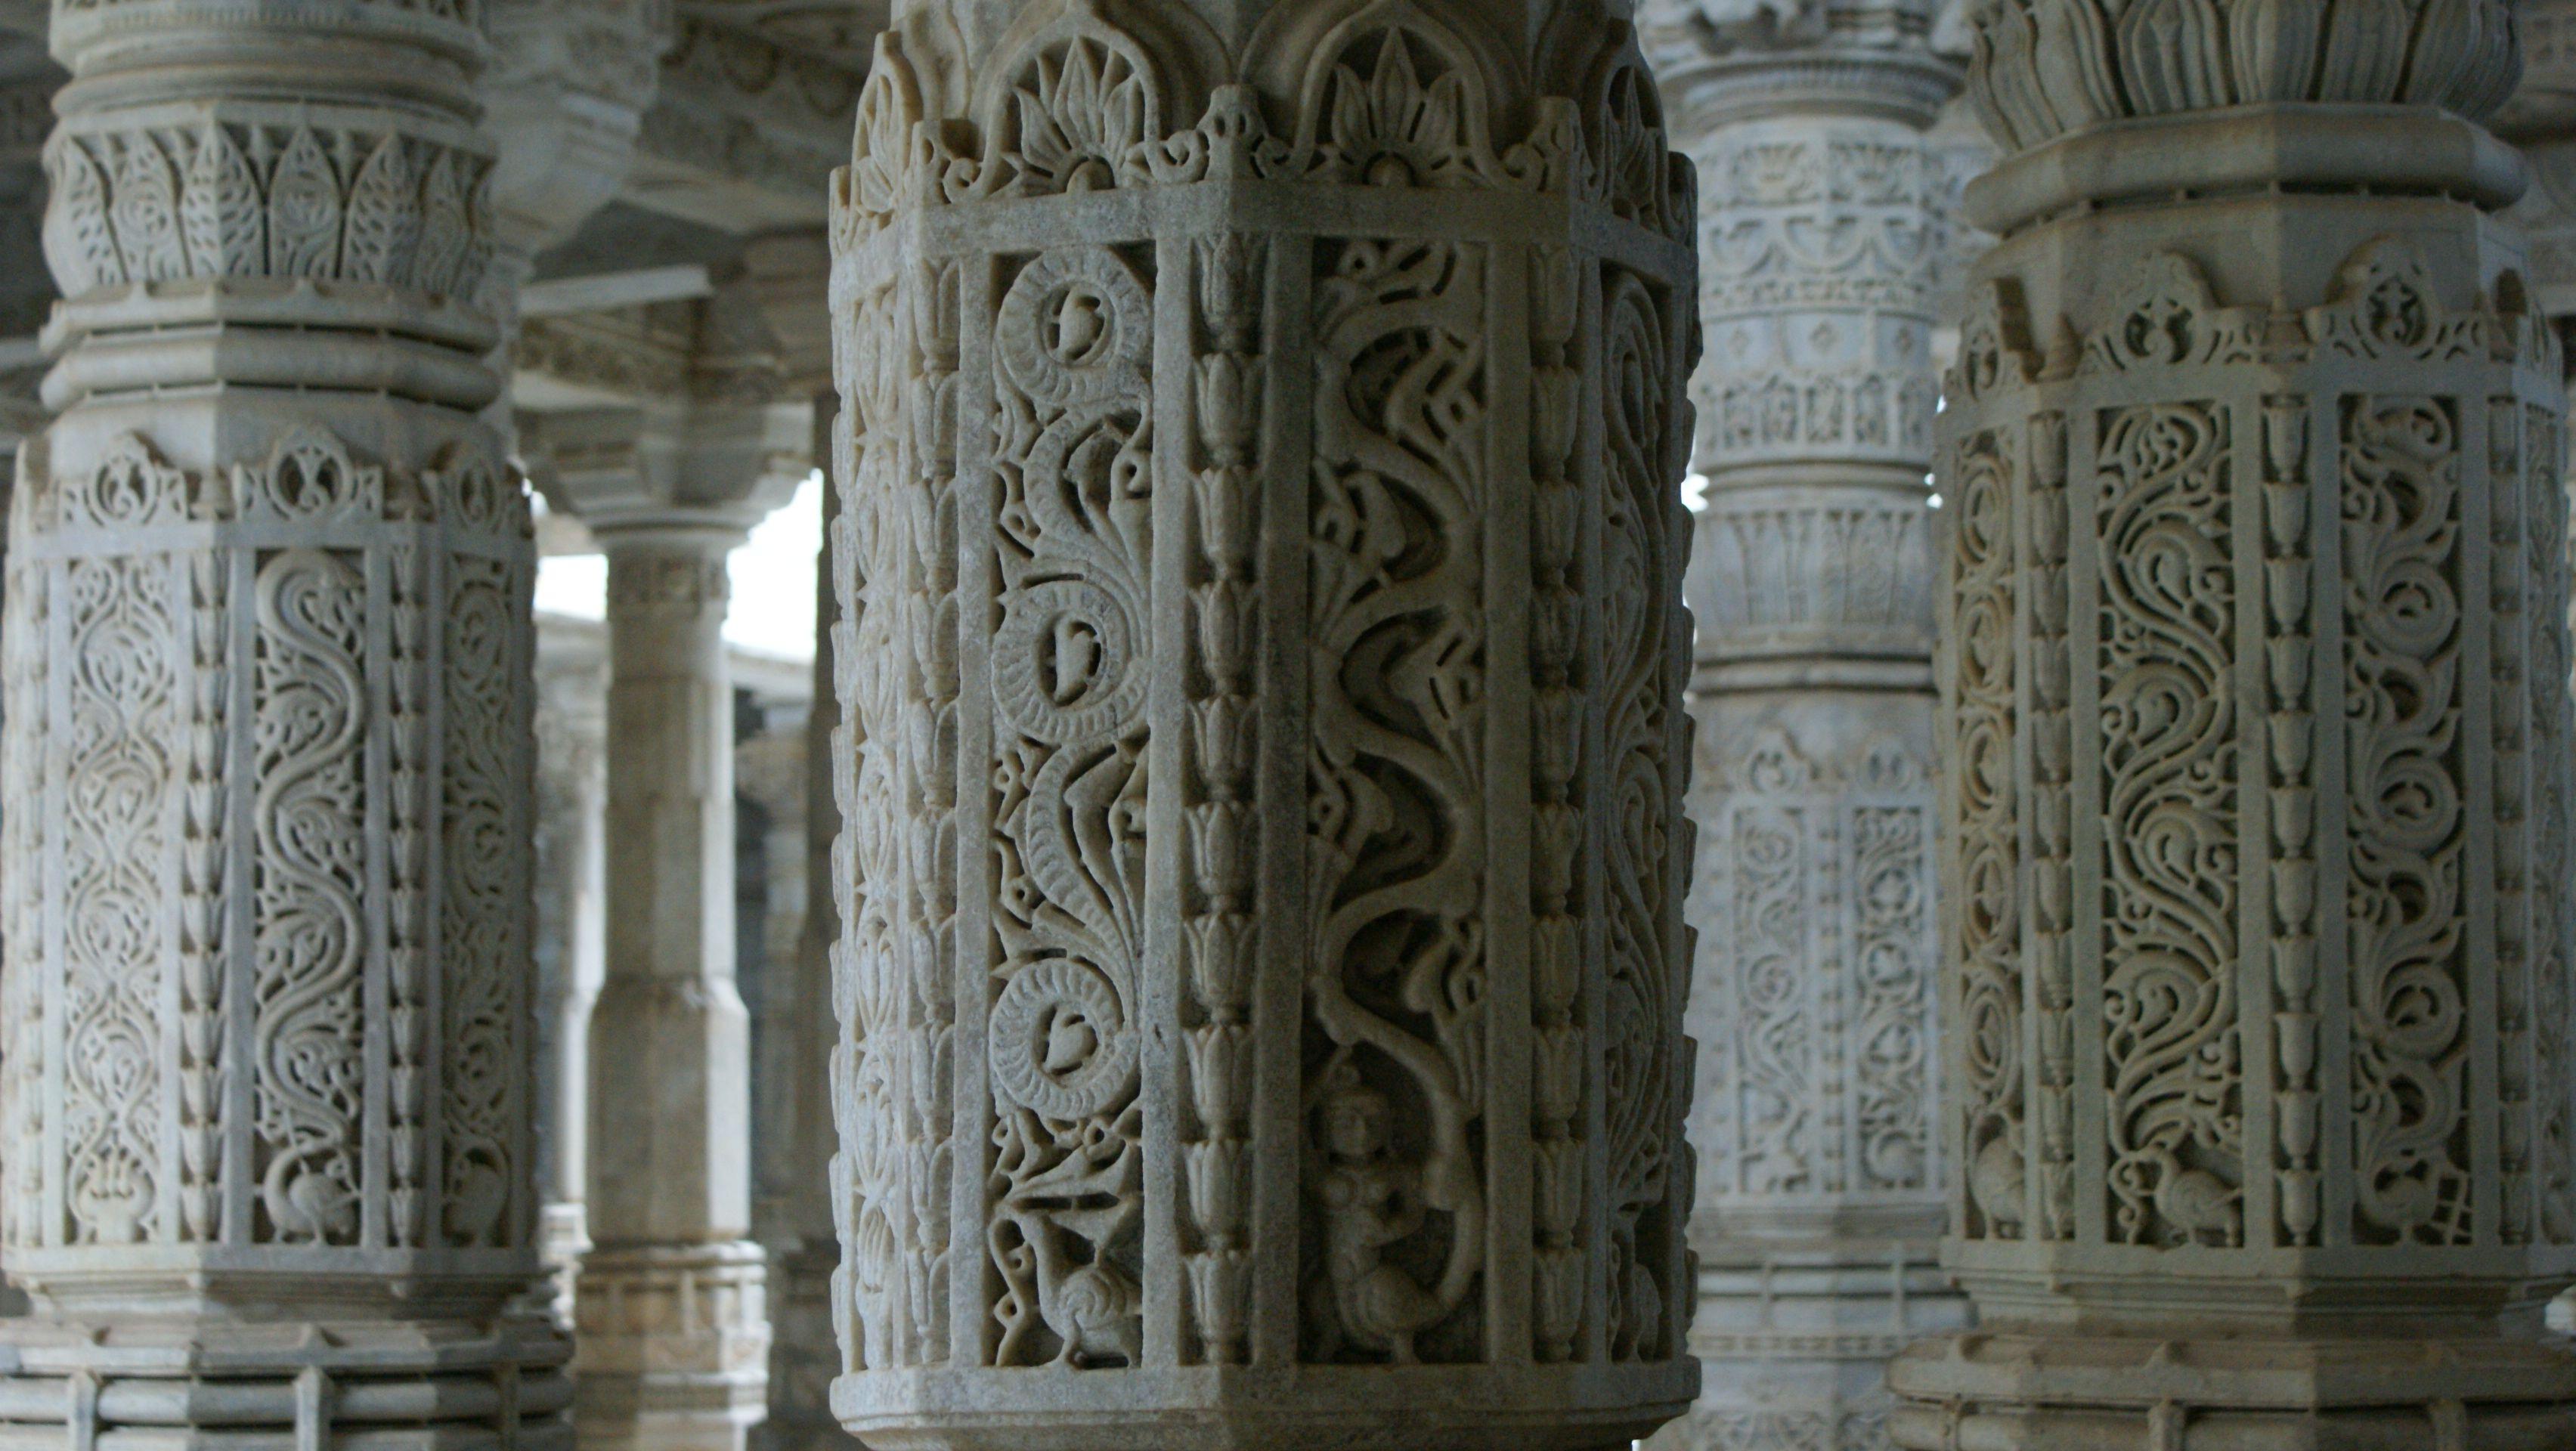 Si buscas paz la encontrarás en este templo jainista tallado íntegramente en mármol. India